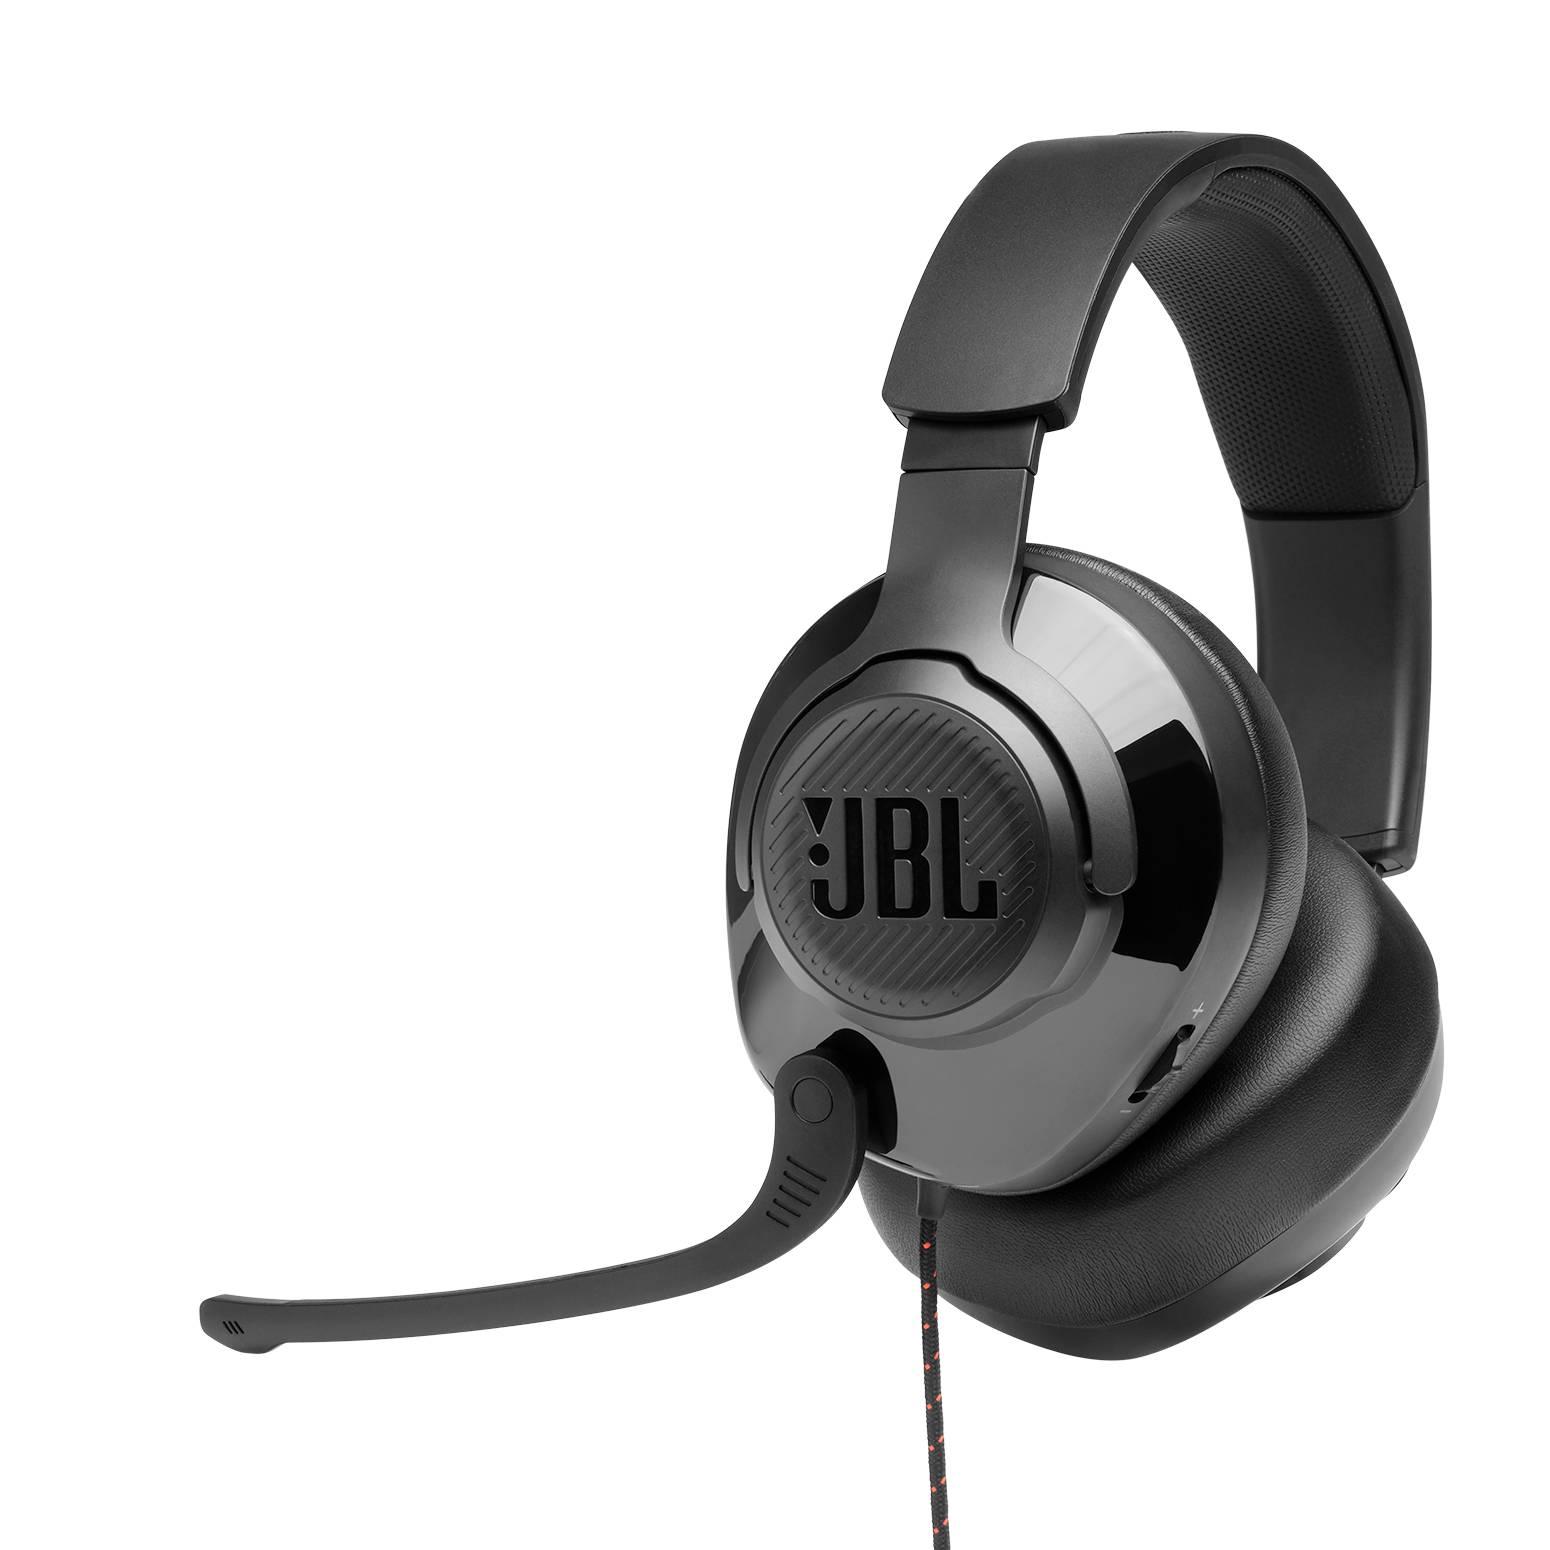 سماعة رأس جى بى ال QUANTUM200  سلكيه مع ميك للألعاب - أسود